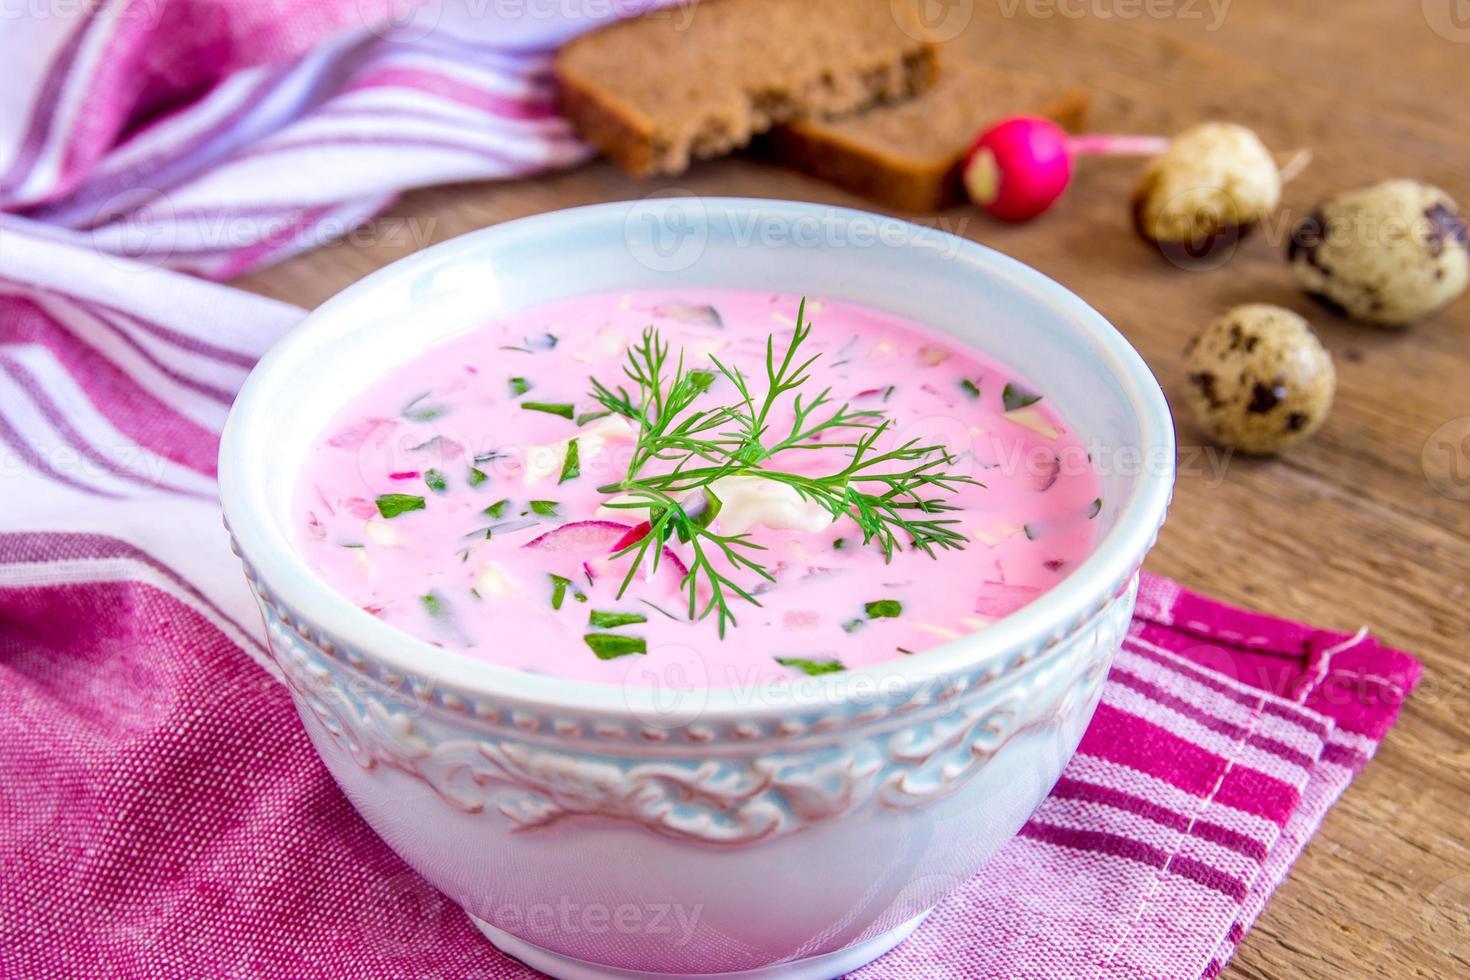 koude soep met groenten foto